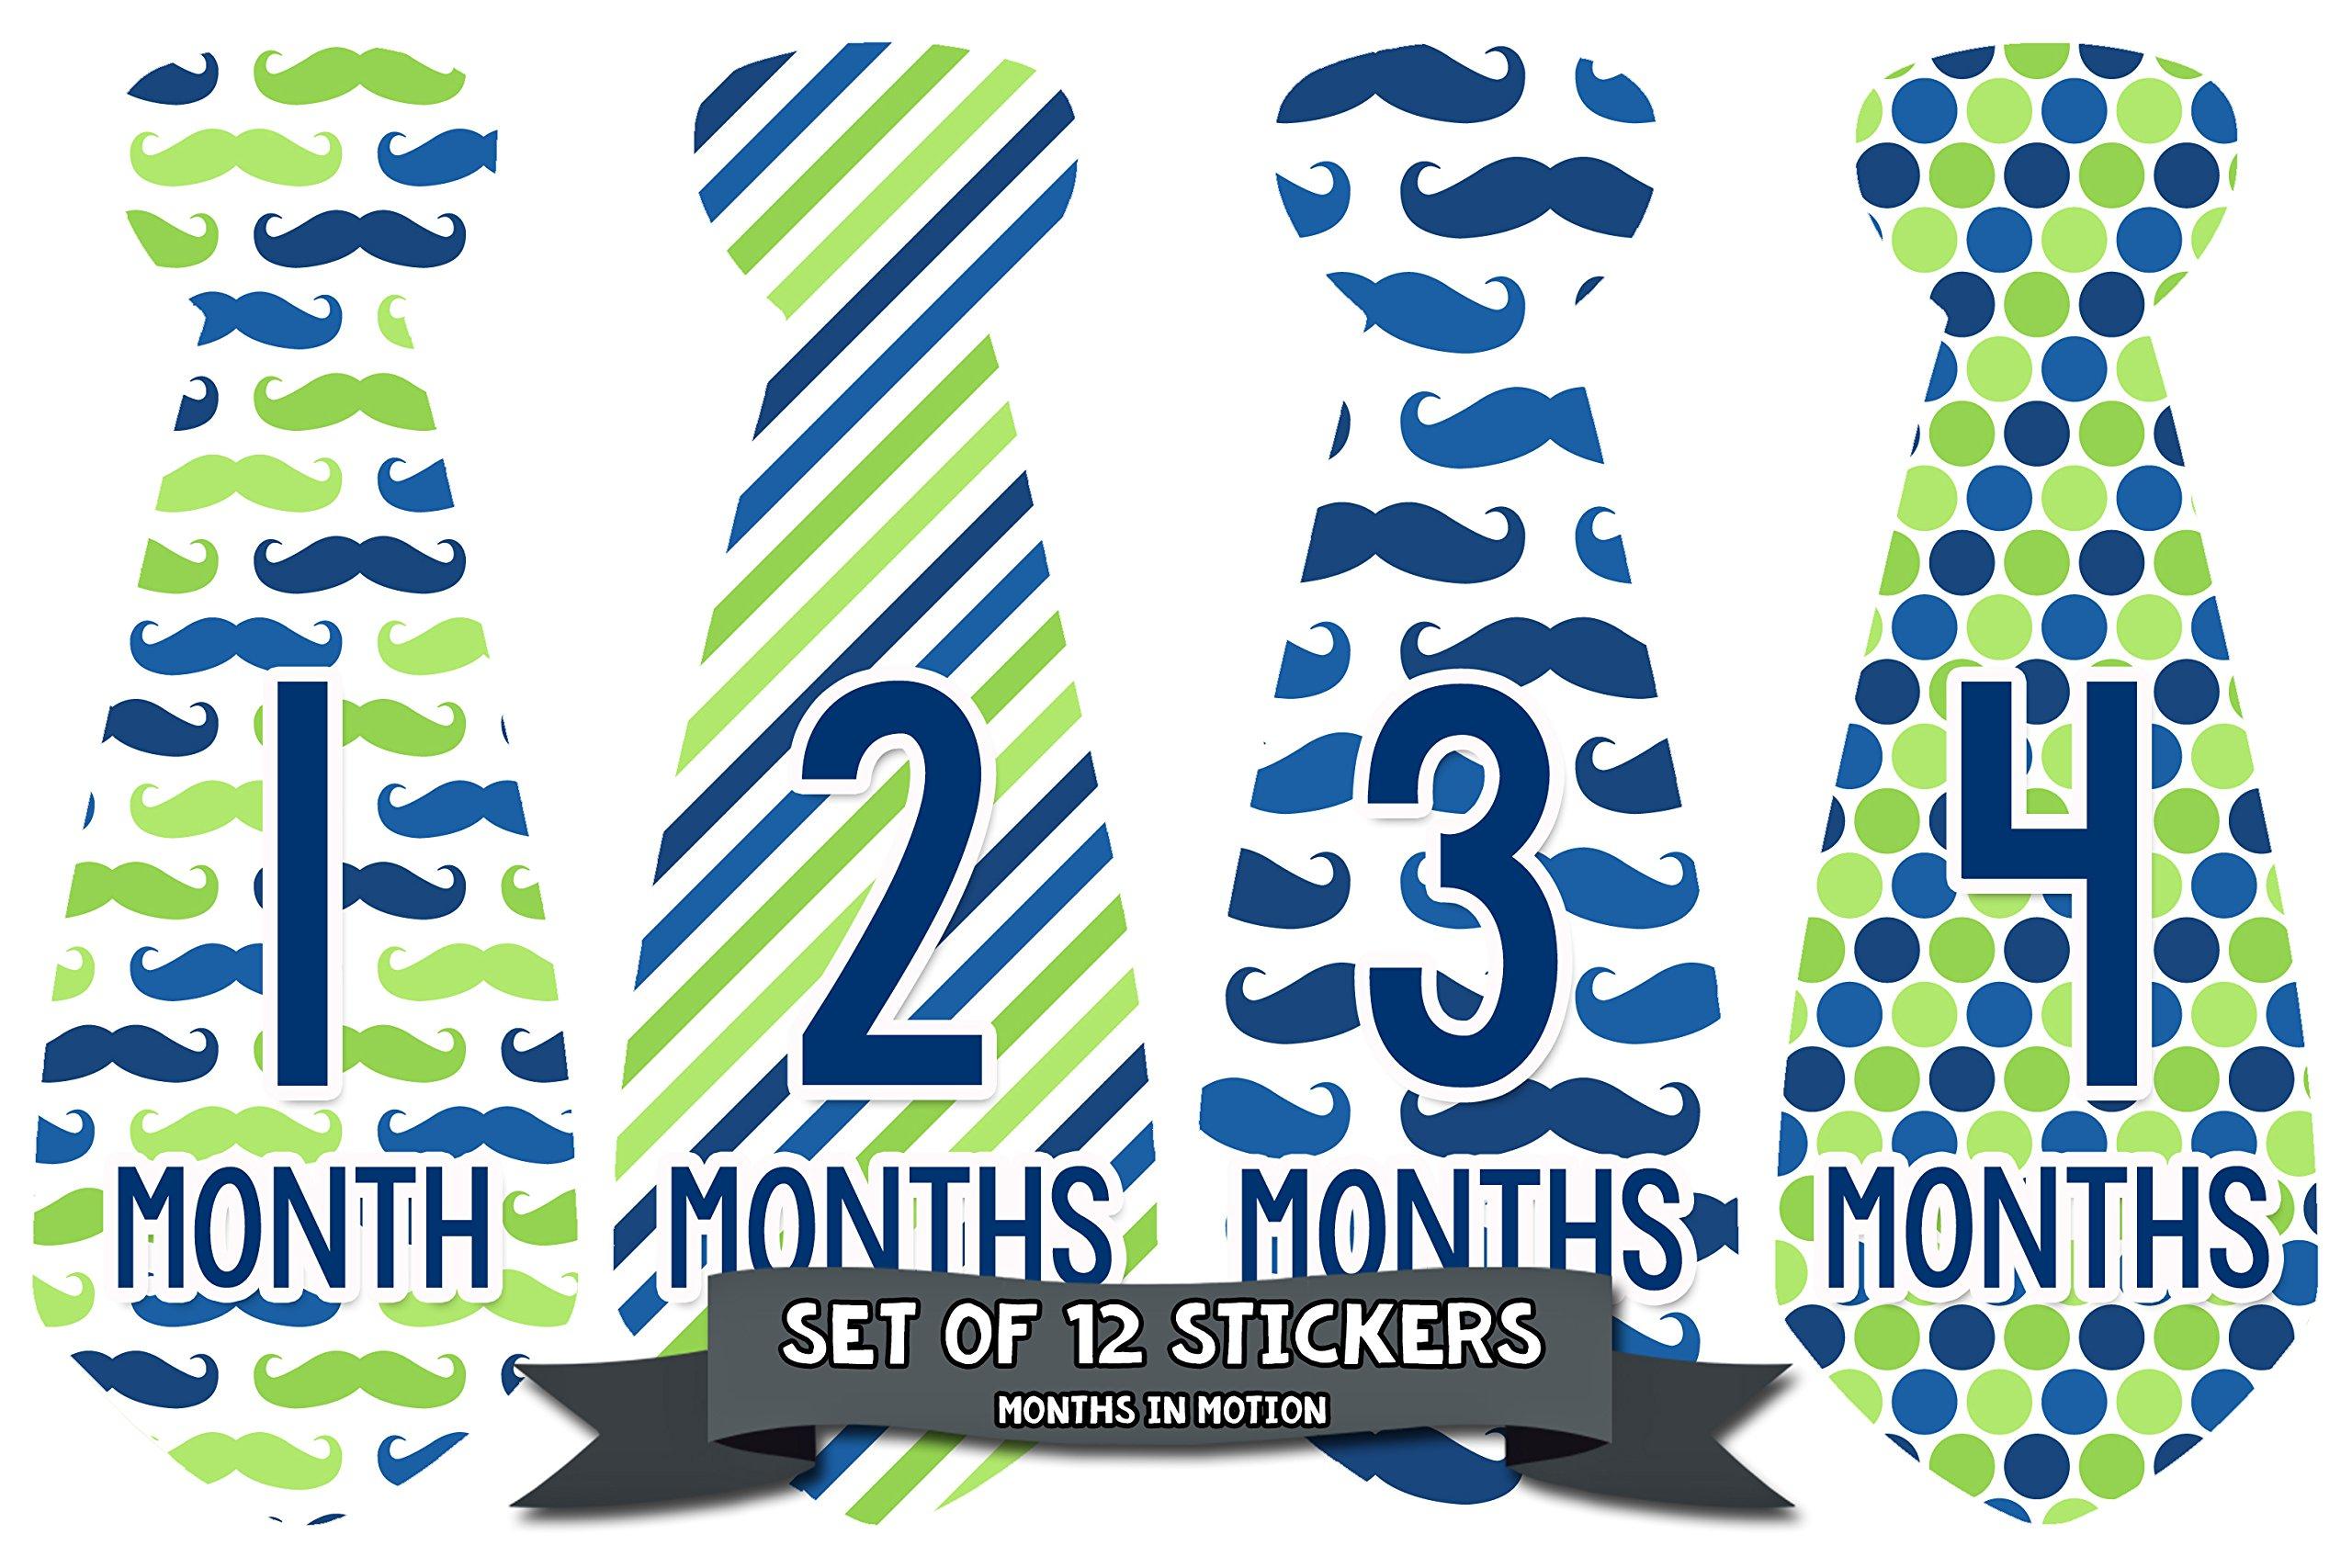 Months in Motion 740 Monthly Baby Stickers Necktie Tie Baby Boy Months 1-12